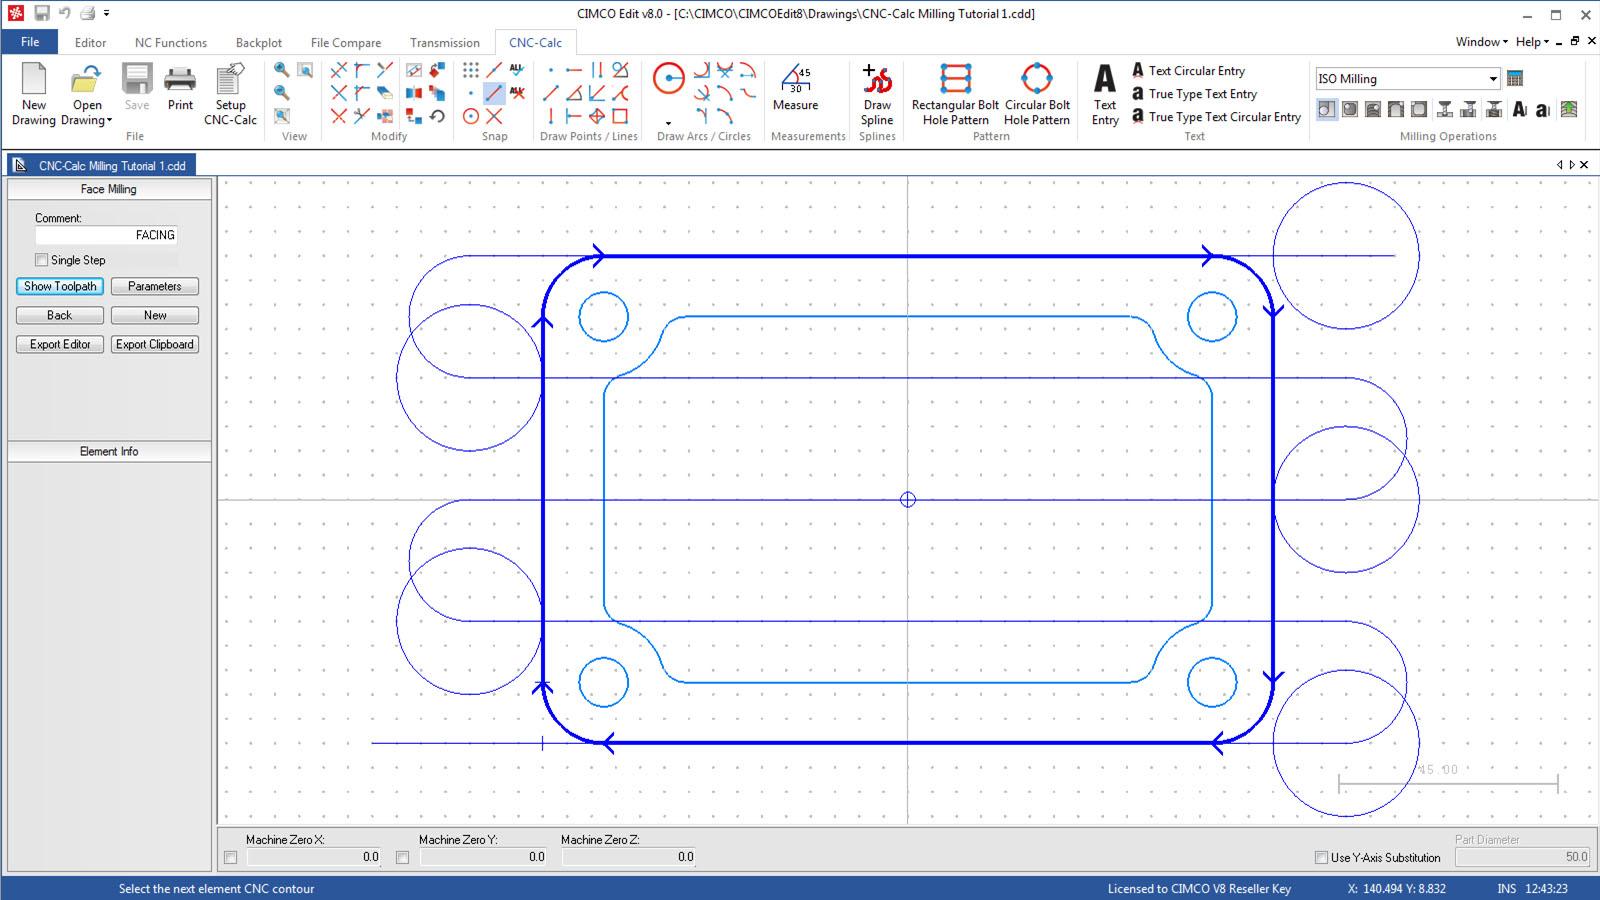 Zrzut ekranu oprogramowanie CIMCO Calc